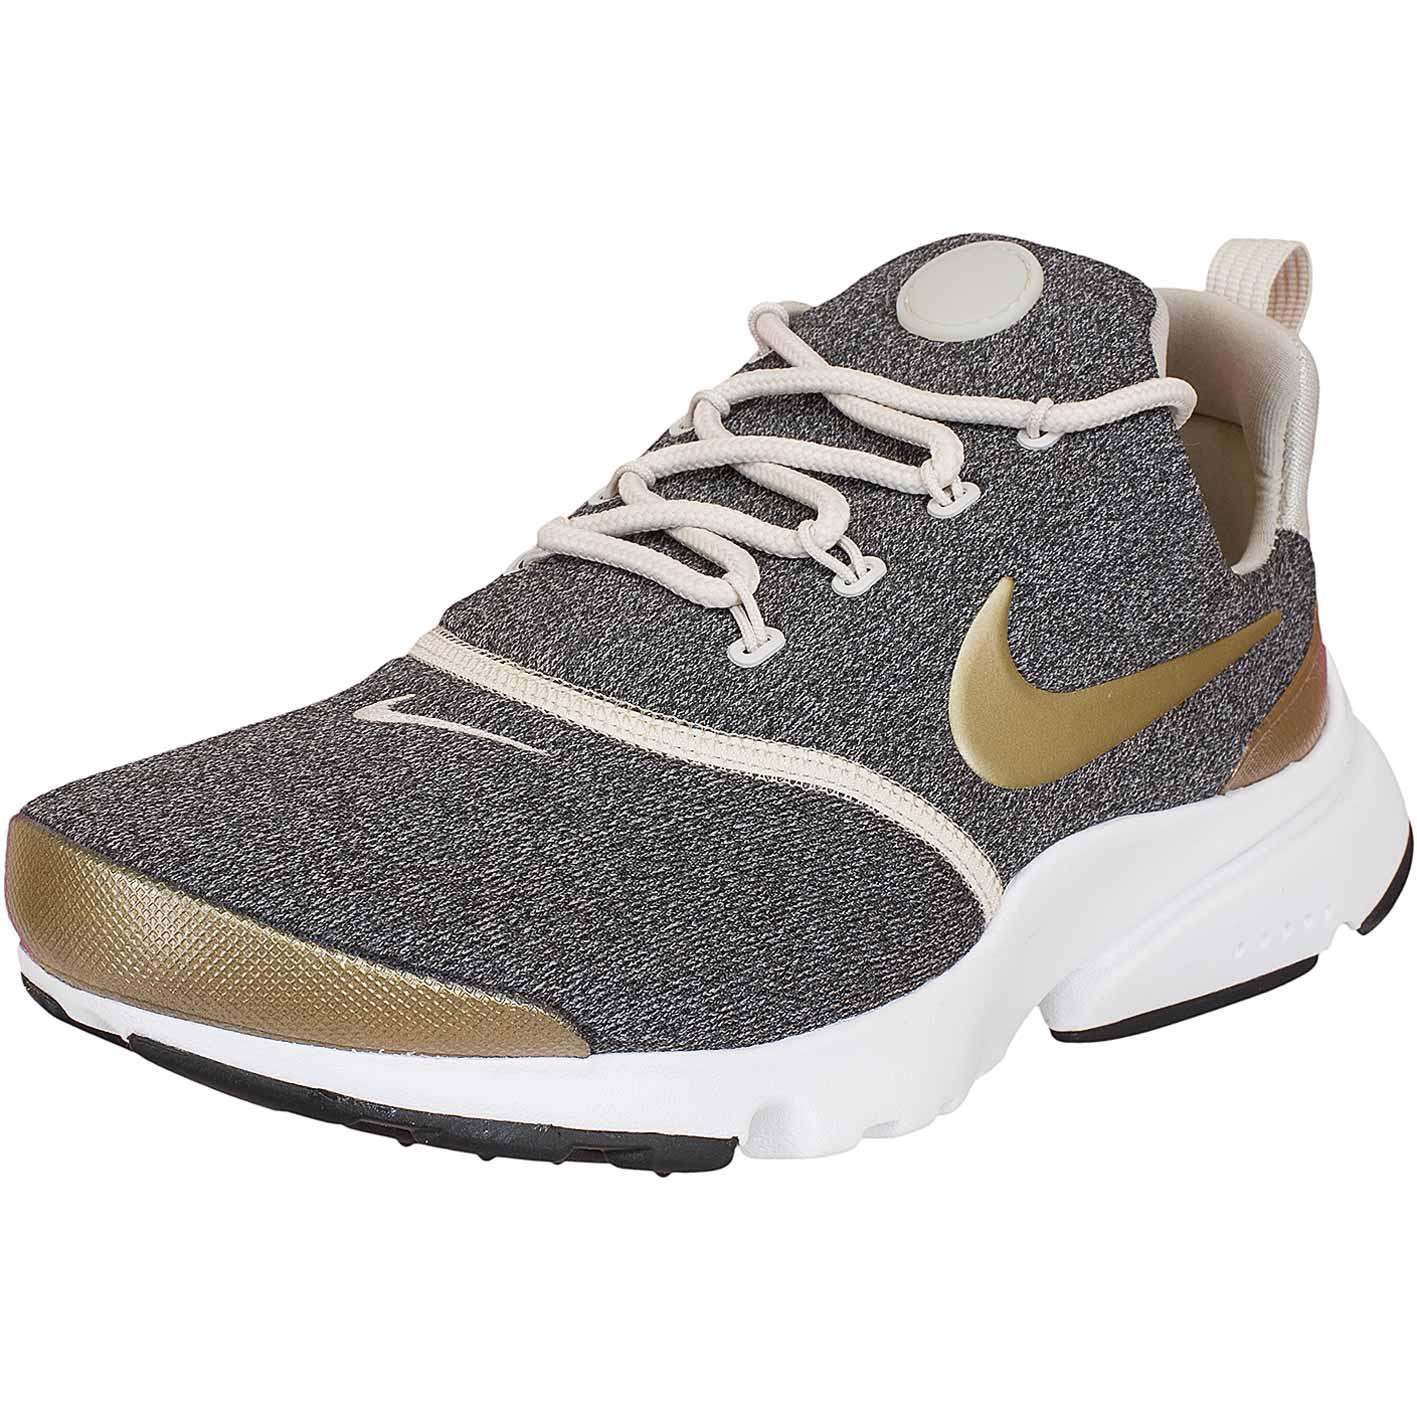 f432ed2fc8a154 ☆ Nike Damen Sneaker Presto Fly SE orewood - hier bestellen!